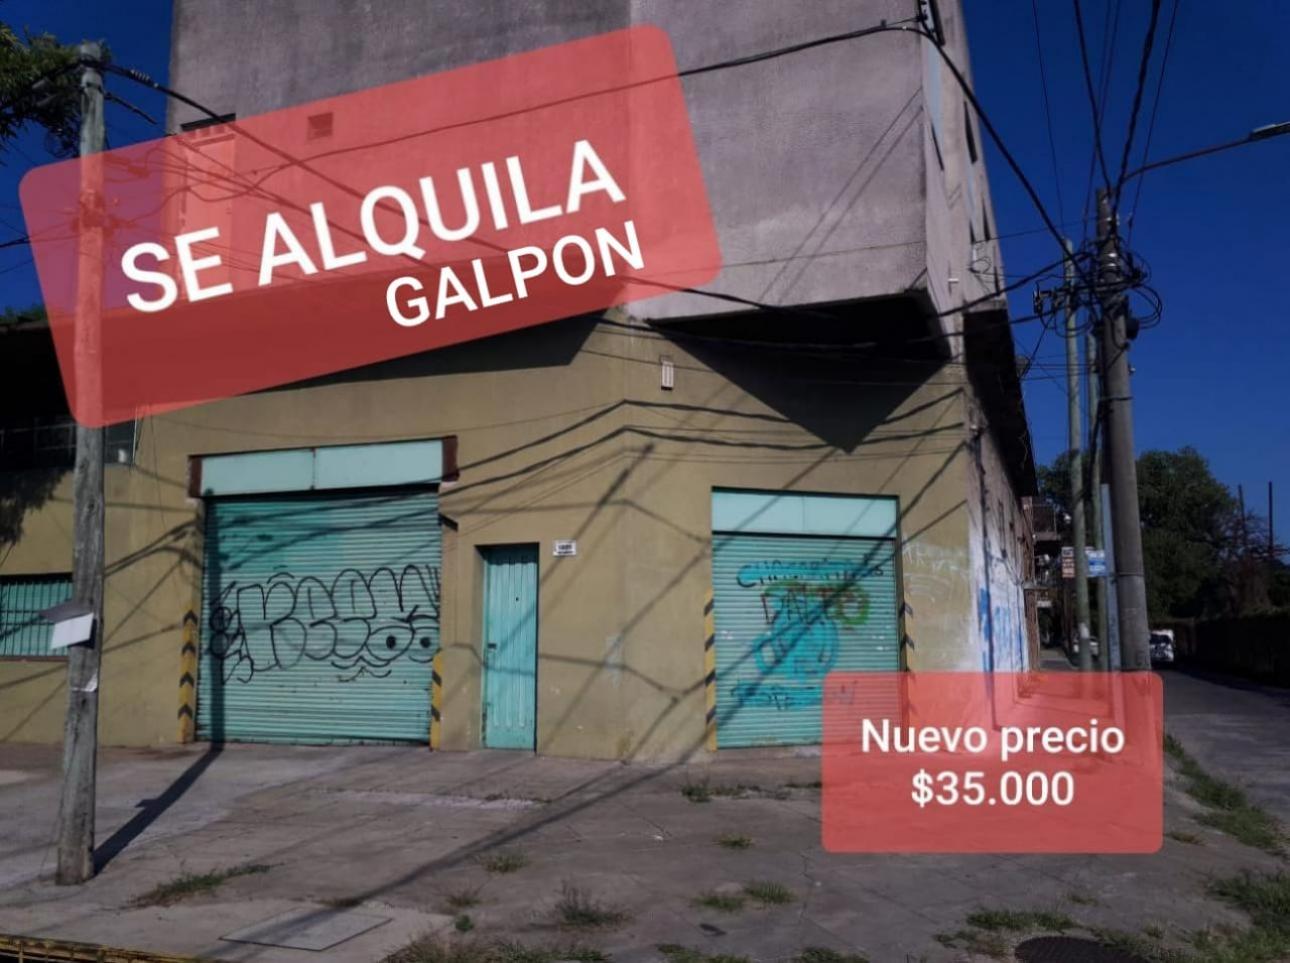 Alquiler de Galpón en Santos Lugares   Tres De Febrero